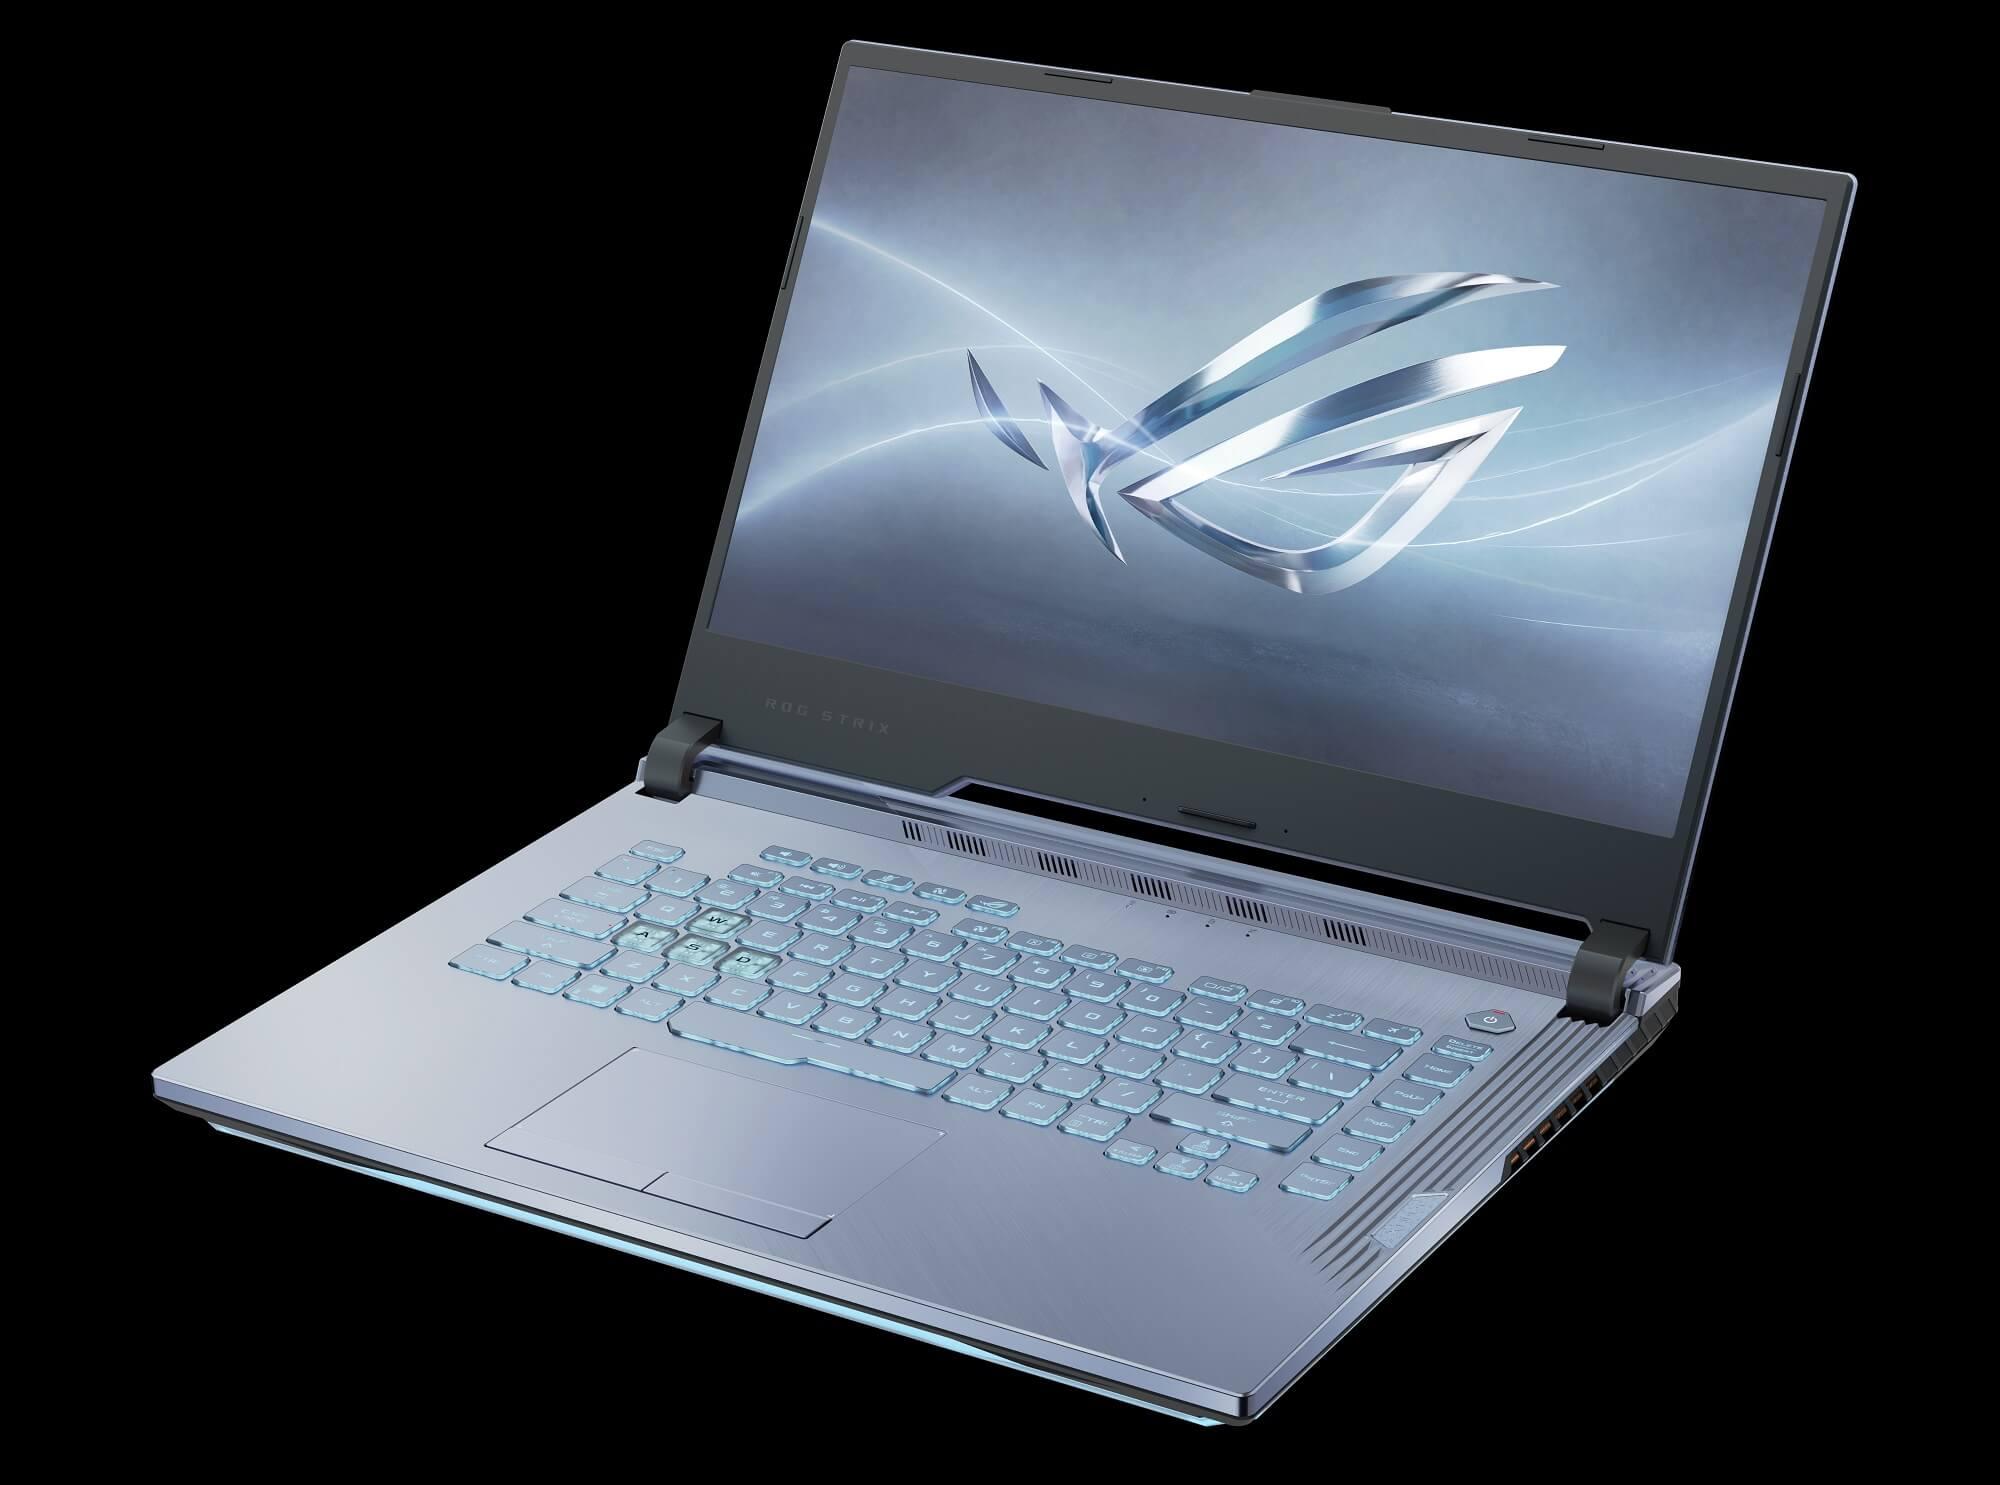 Portátil color Azul Glaciar, así serán los nuevos laptops de ASUS